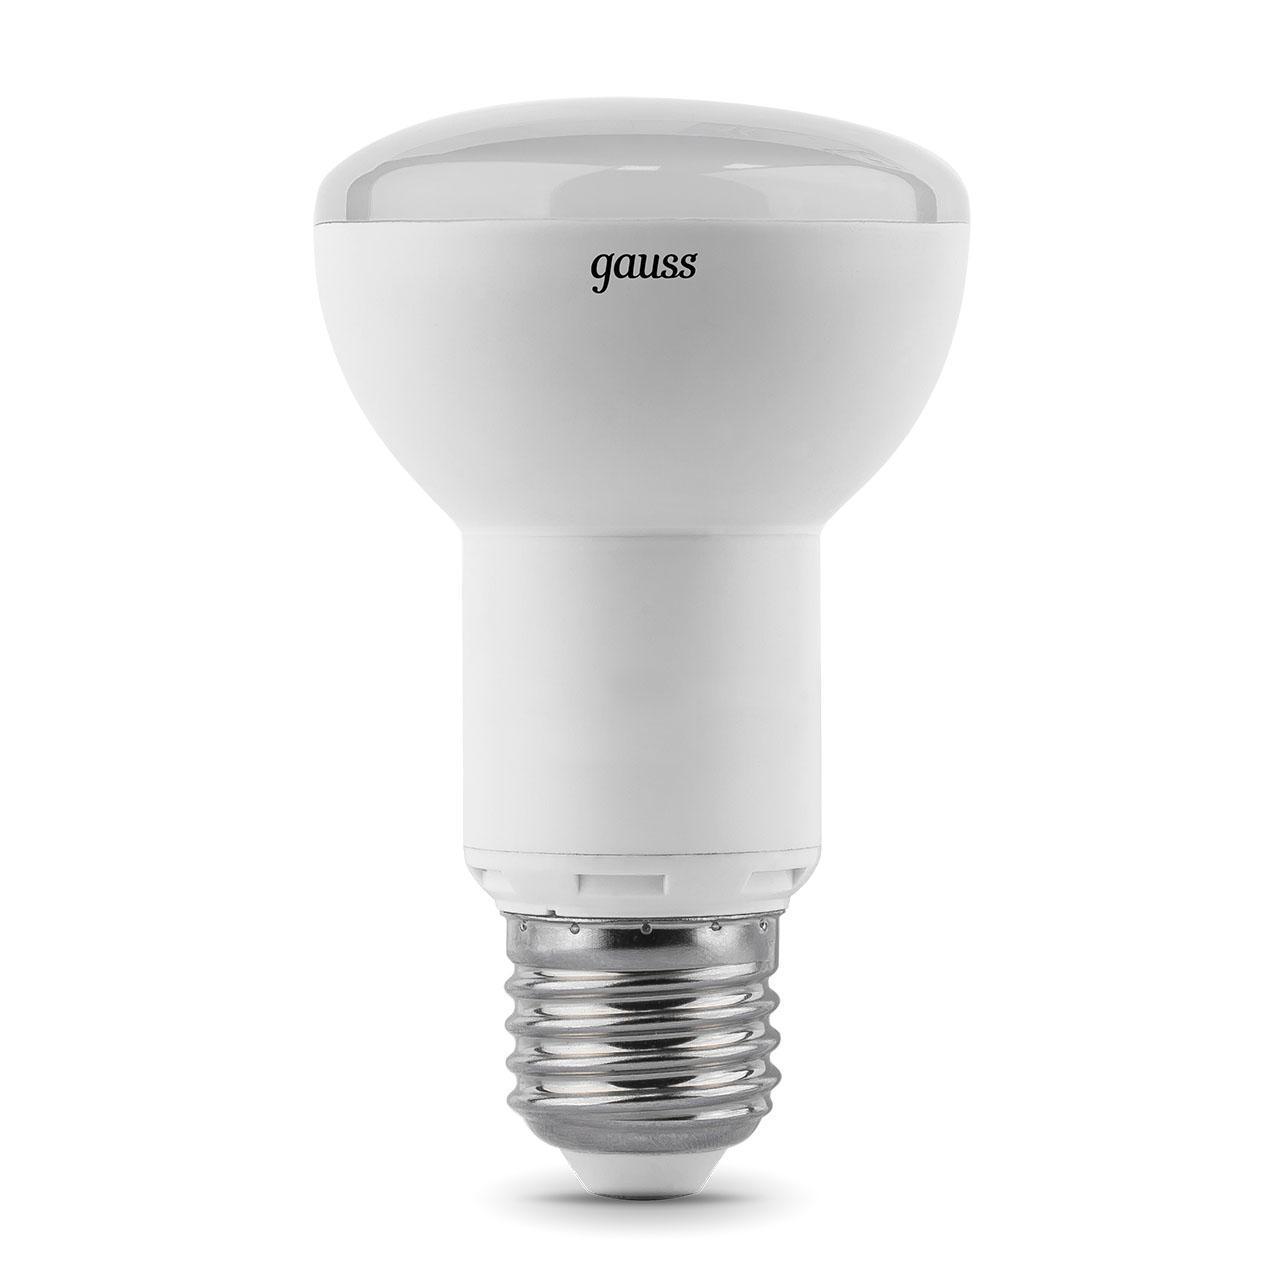 Лампа светодиодная рефлекторная E27 9W 4100K матовая 106002209 goodeck лампа светодиодная goodeck рефлекторная матовая gu10 5 5w 4100k gl1007024206